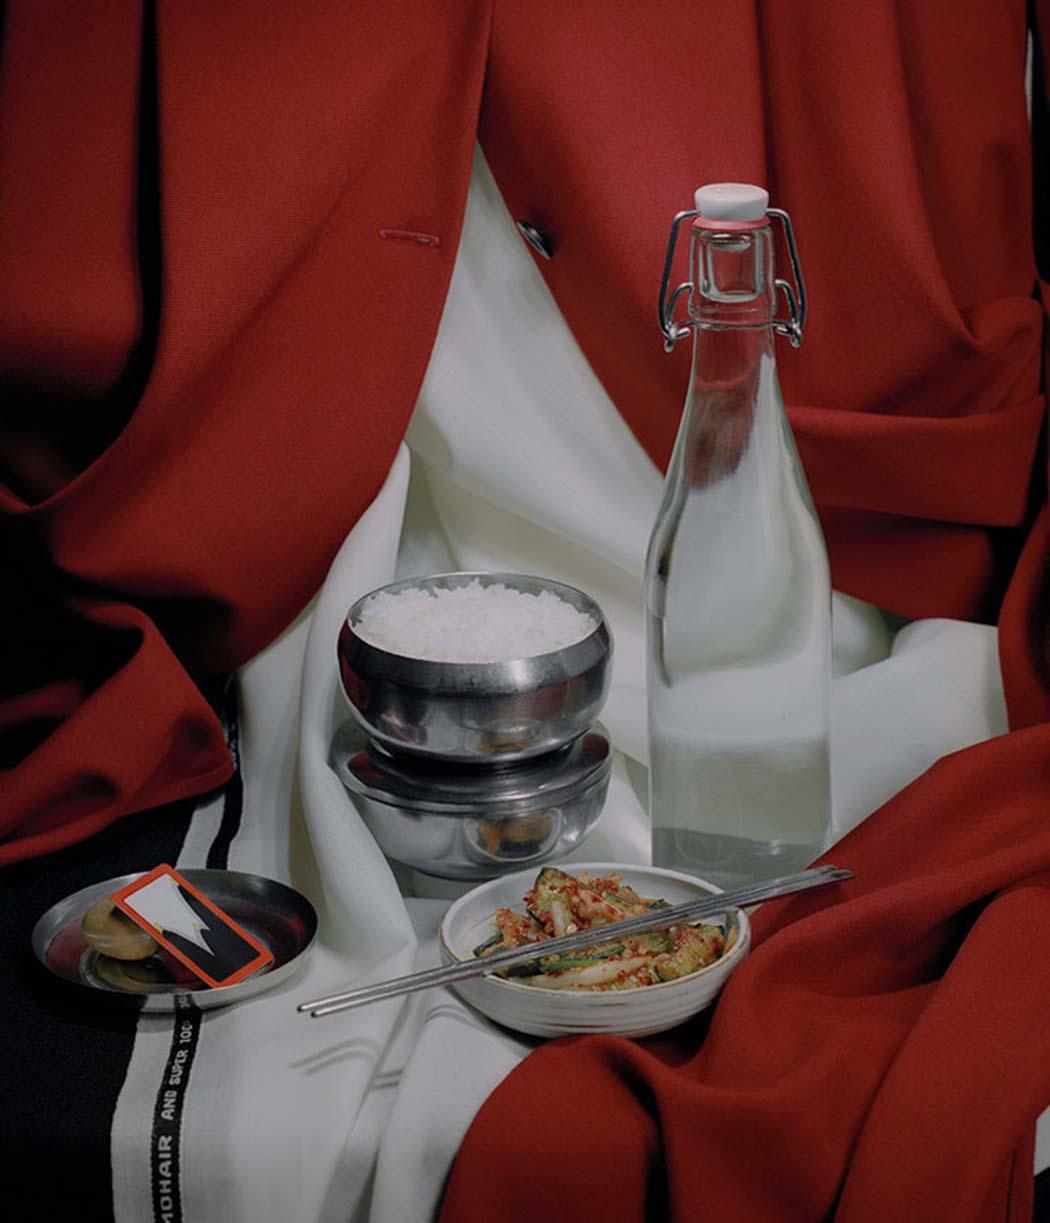 Fashion-JKimFW17-Still Lifes-EugeneShishkin-06